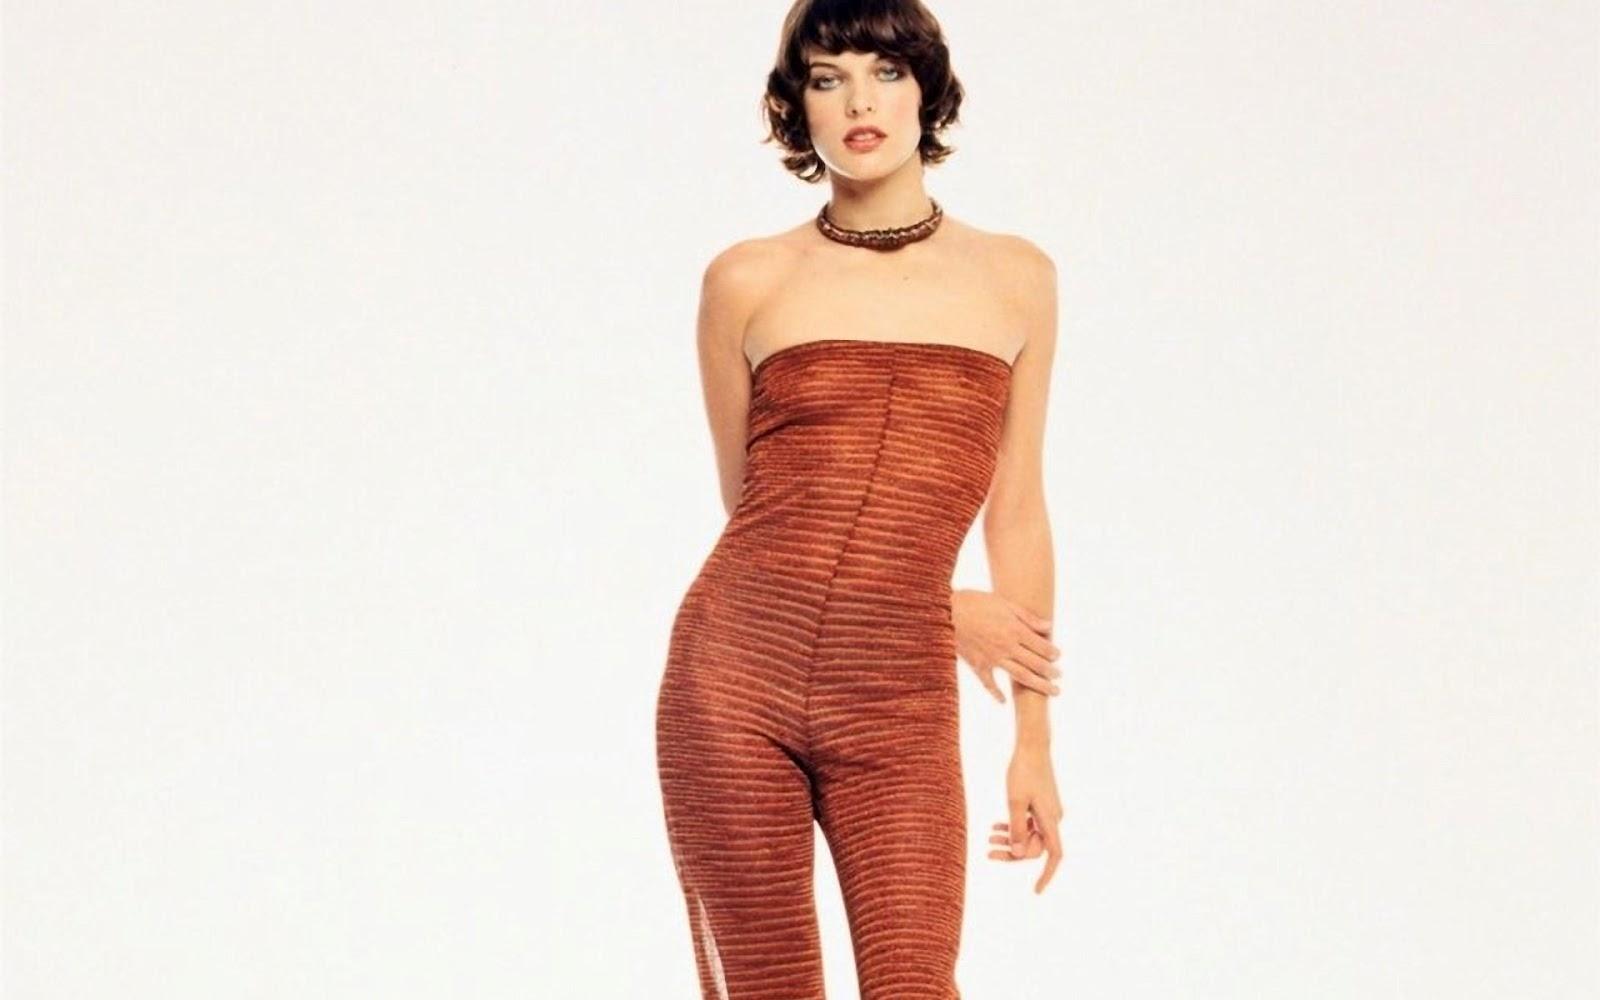 http://1.bp.blogspot.com/-qx_-av3WuCg/UB-WQKBiwSI/AAAAAAAALXI/KT4LqxObu_s/s1600/milla-jovovich-model.jpg